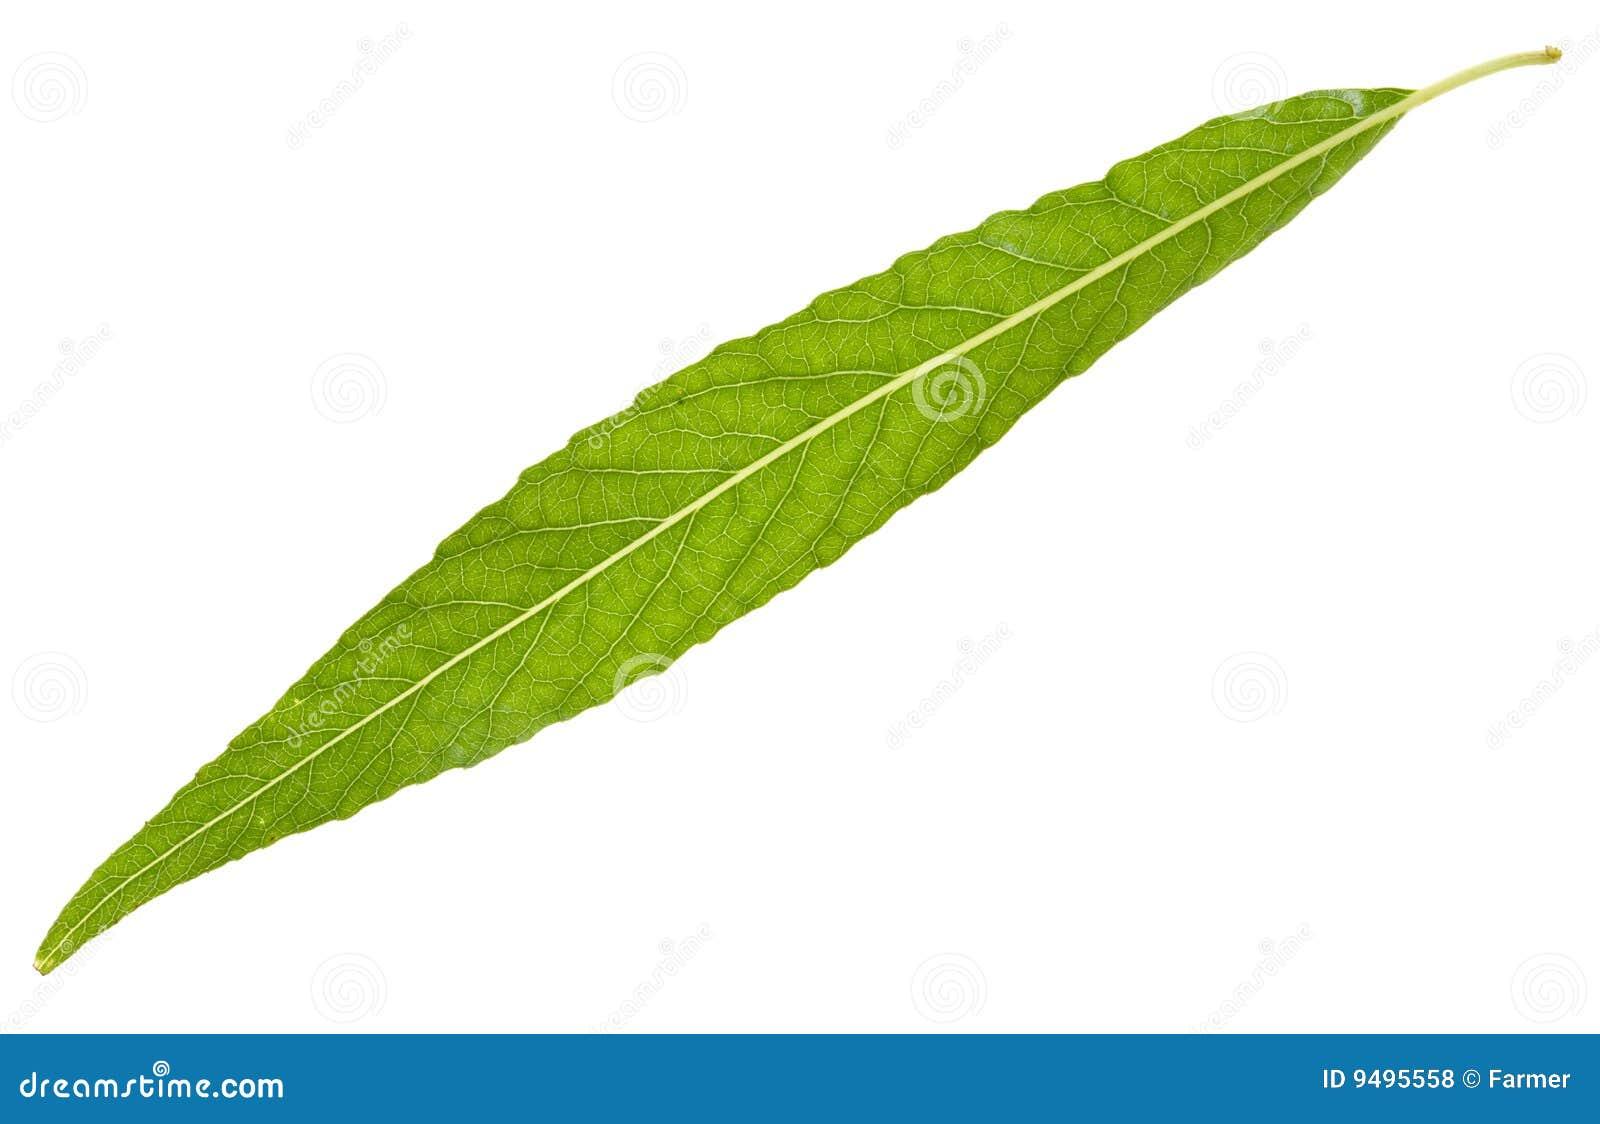 Рисованные листья ивы